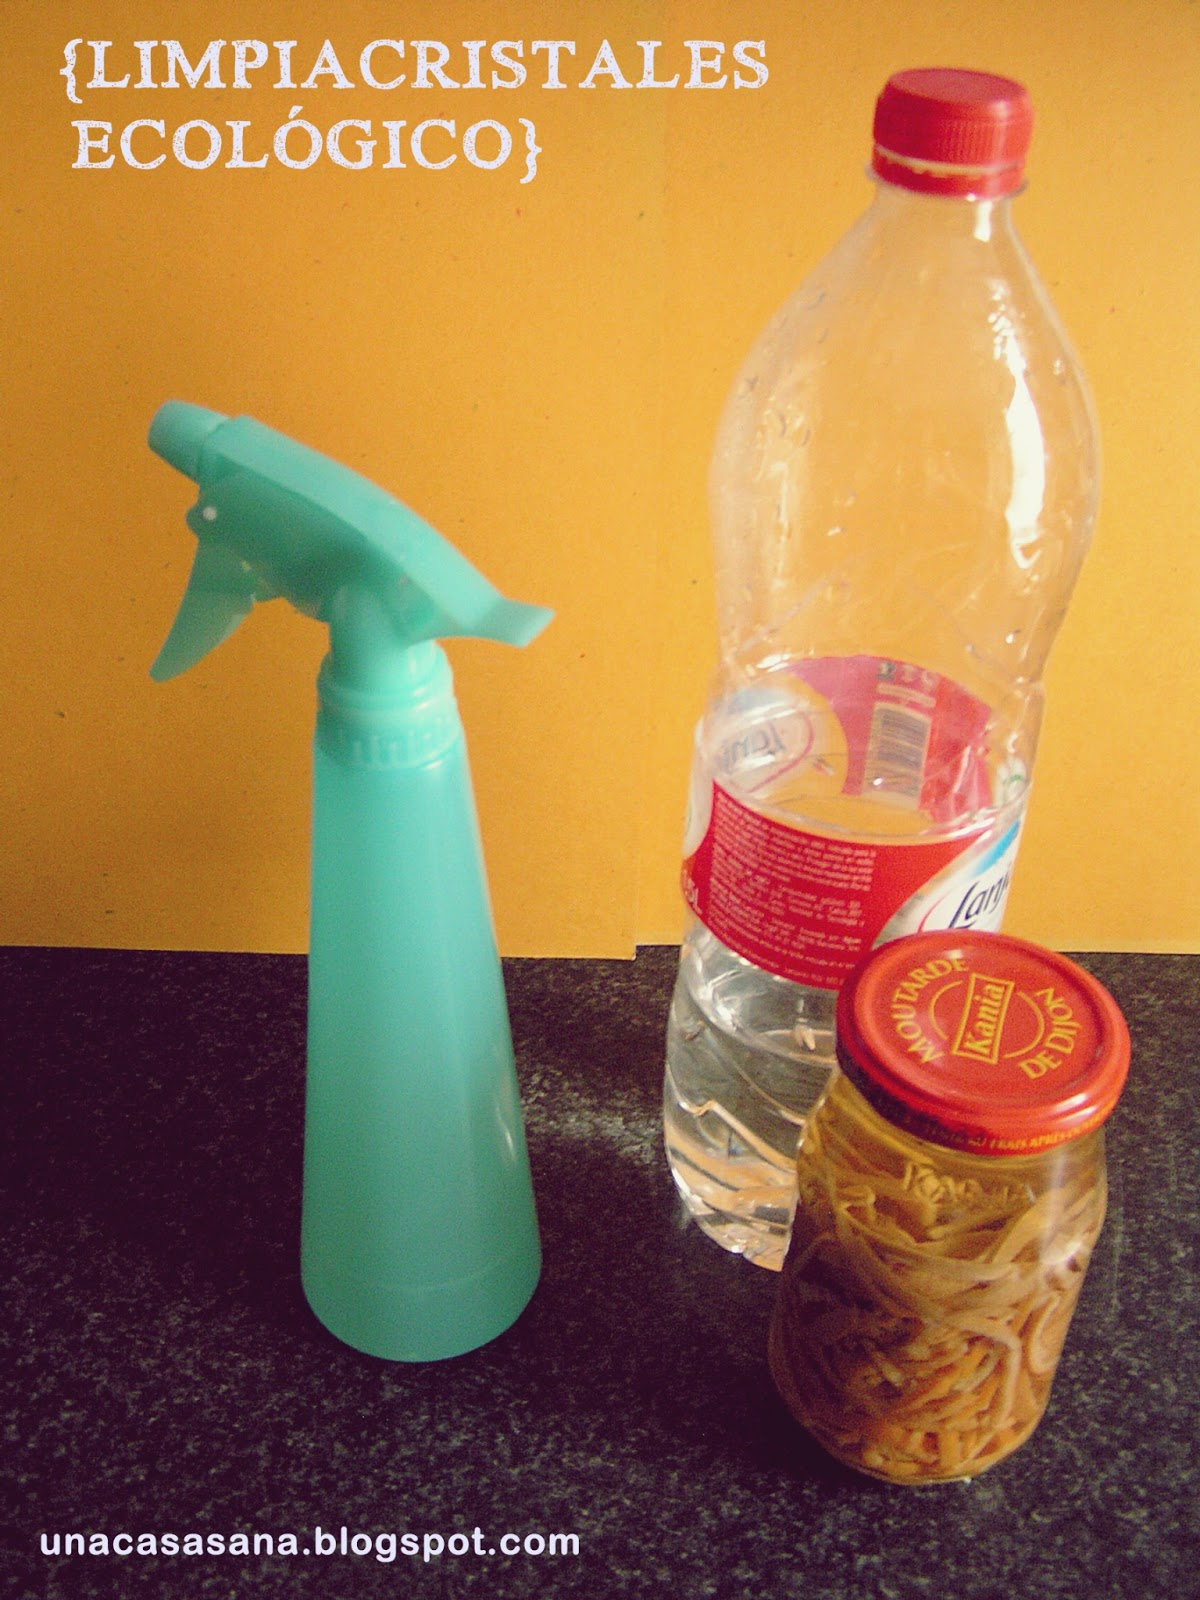 Una casa sana receta limpiador ecol gico 2 limpiacristales - Limpia cristales casero ...